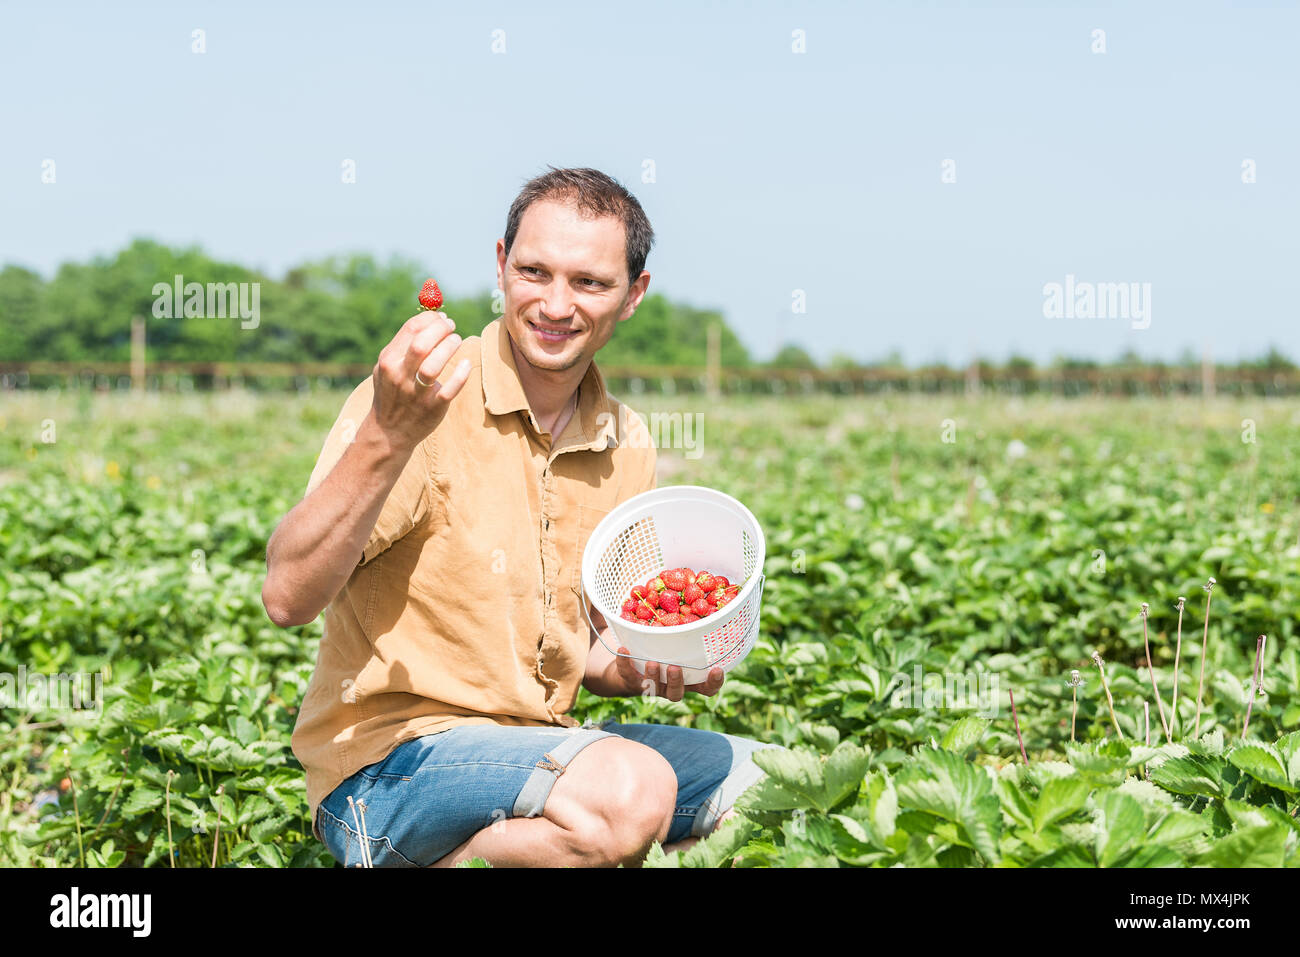 Junge glücklich lächelnde Mann Kommissionierung Erdbeeren im grünen Feld Zeilen Farm, tragekorb von roten Beeren Früchte im Frühling, Sommer Aktivität Stockbild